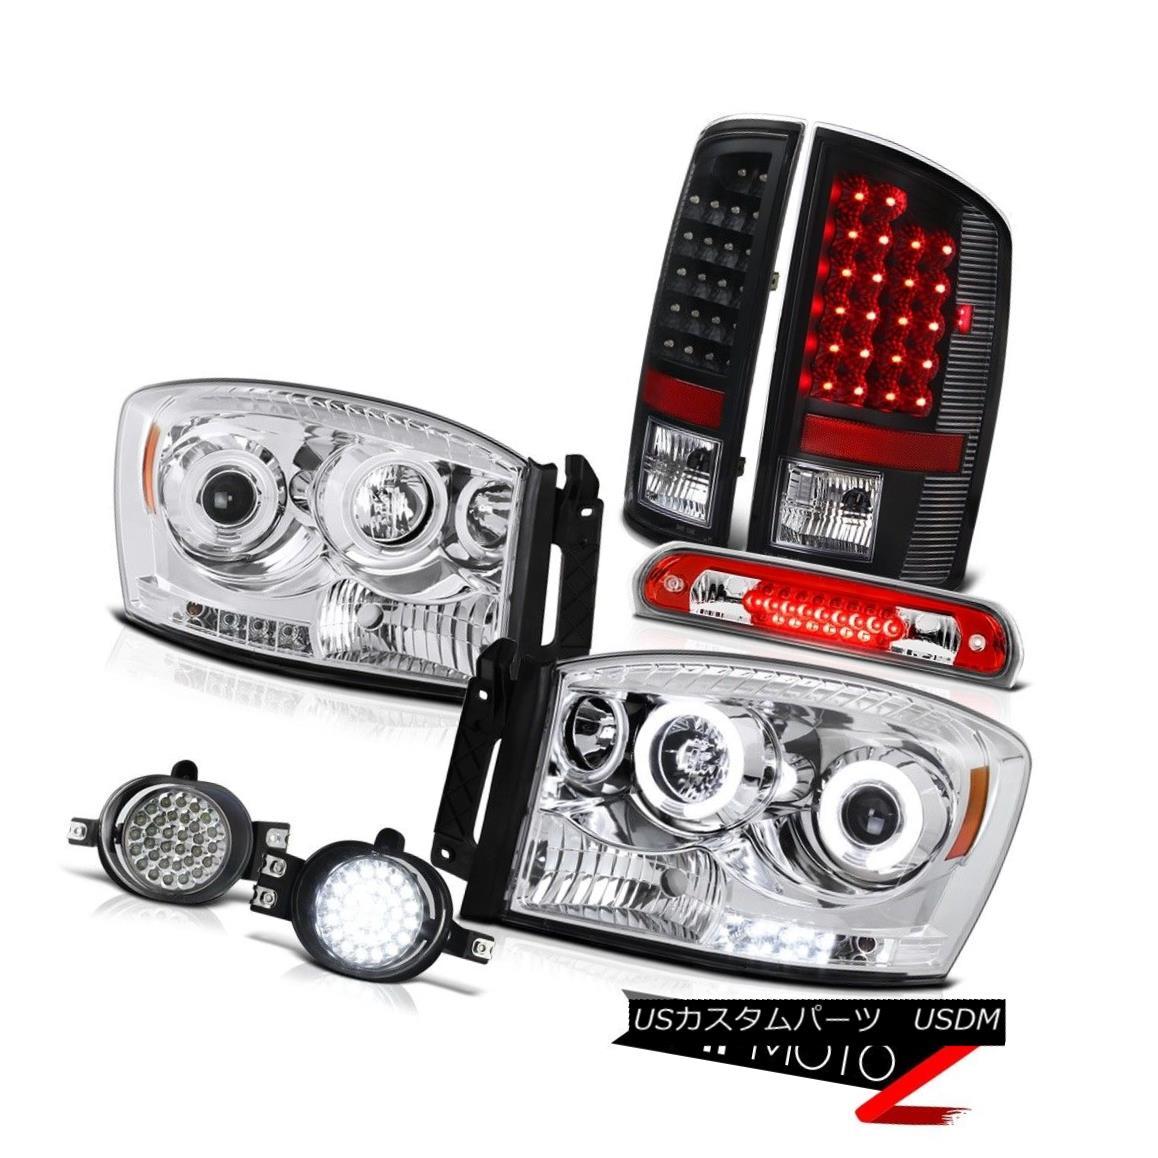 ヘッドライト CCFL Headlights Black Brake LED Tail Lights Driving Fog Third Cargo 2006 Ram ST CCFLヘッドライトブラックブレーキLEDテールライトドライビングフォグ第3貨物2006 Ram ST